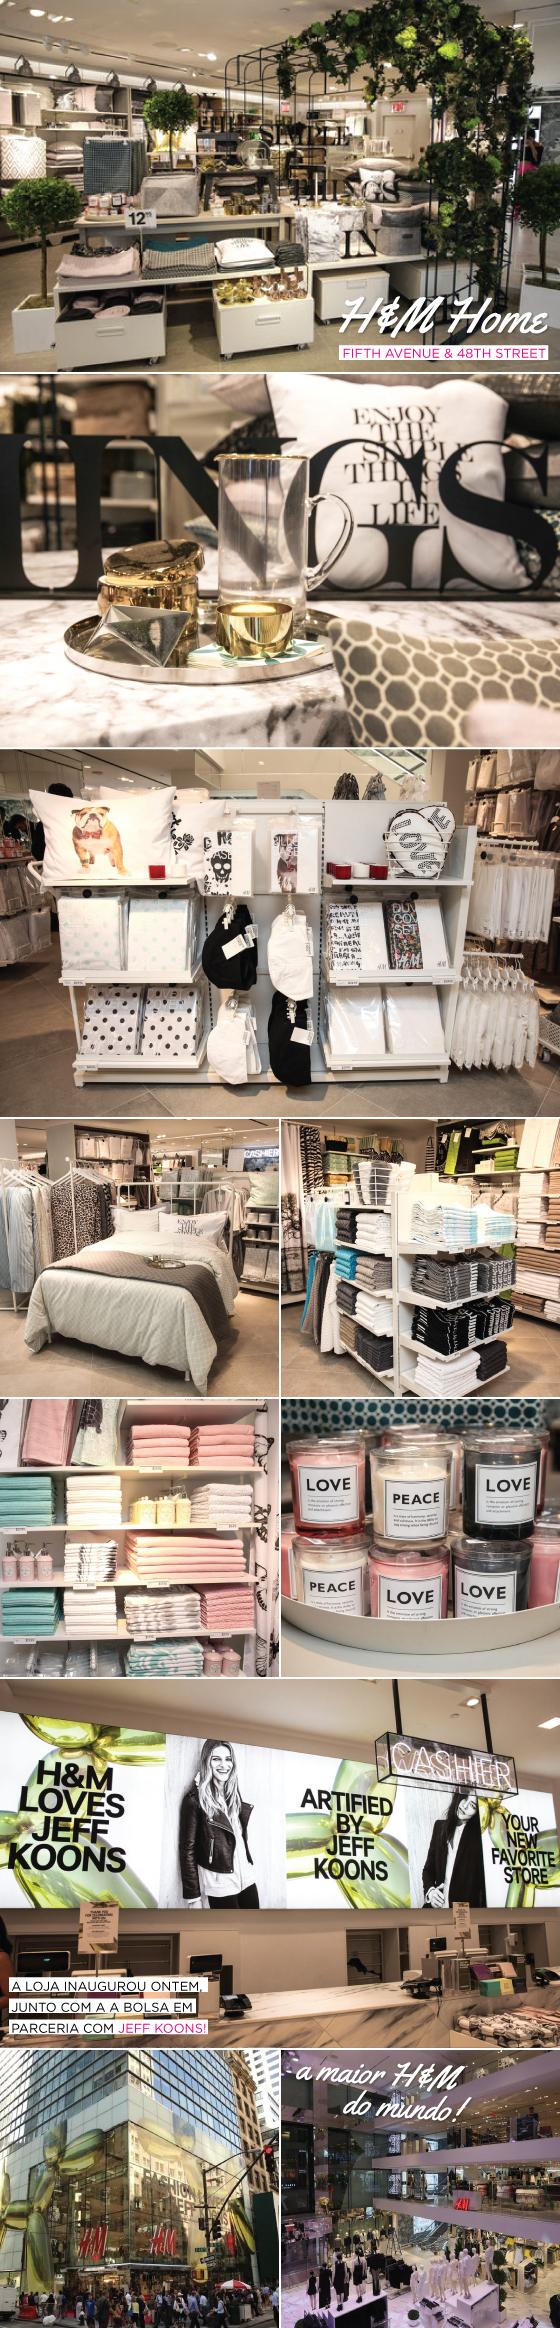 h&M-casa-home-flagship-store-loja-maior-mundo-ny-new-york-dica-coisas-barata-cool-legal-travel-viagem-tips-blog-moda-decoracao-decor-jeff-koons